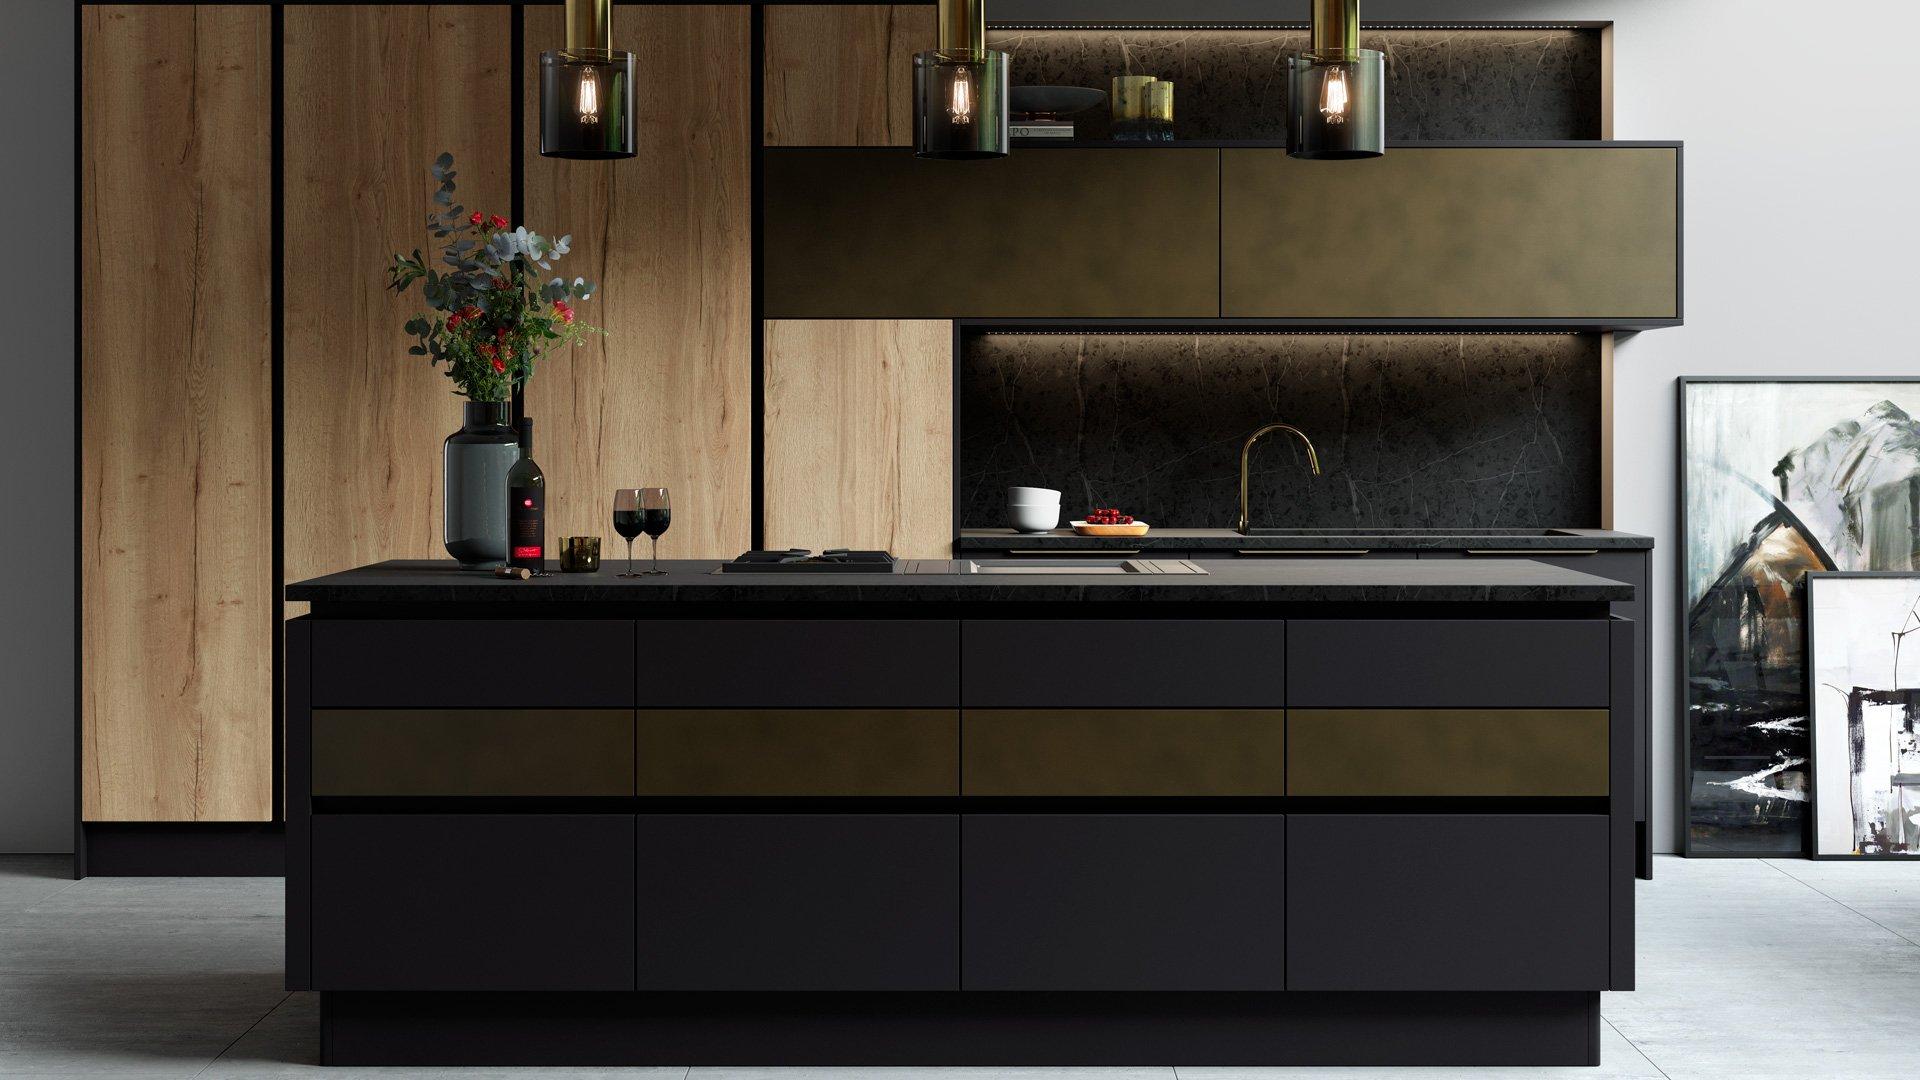 Multiwood Cosdon Kitchen